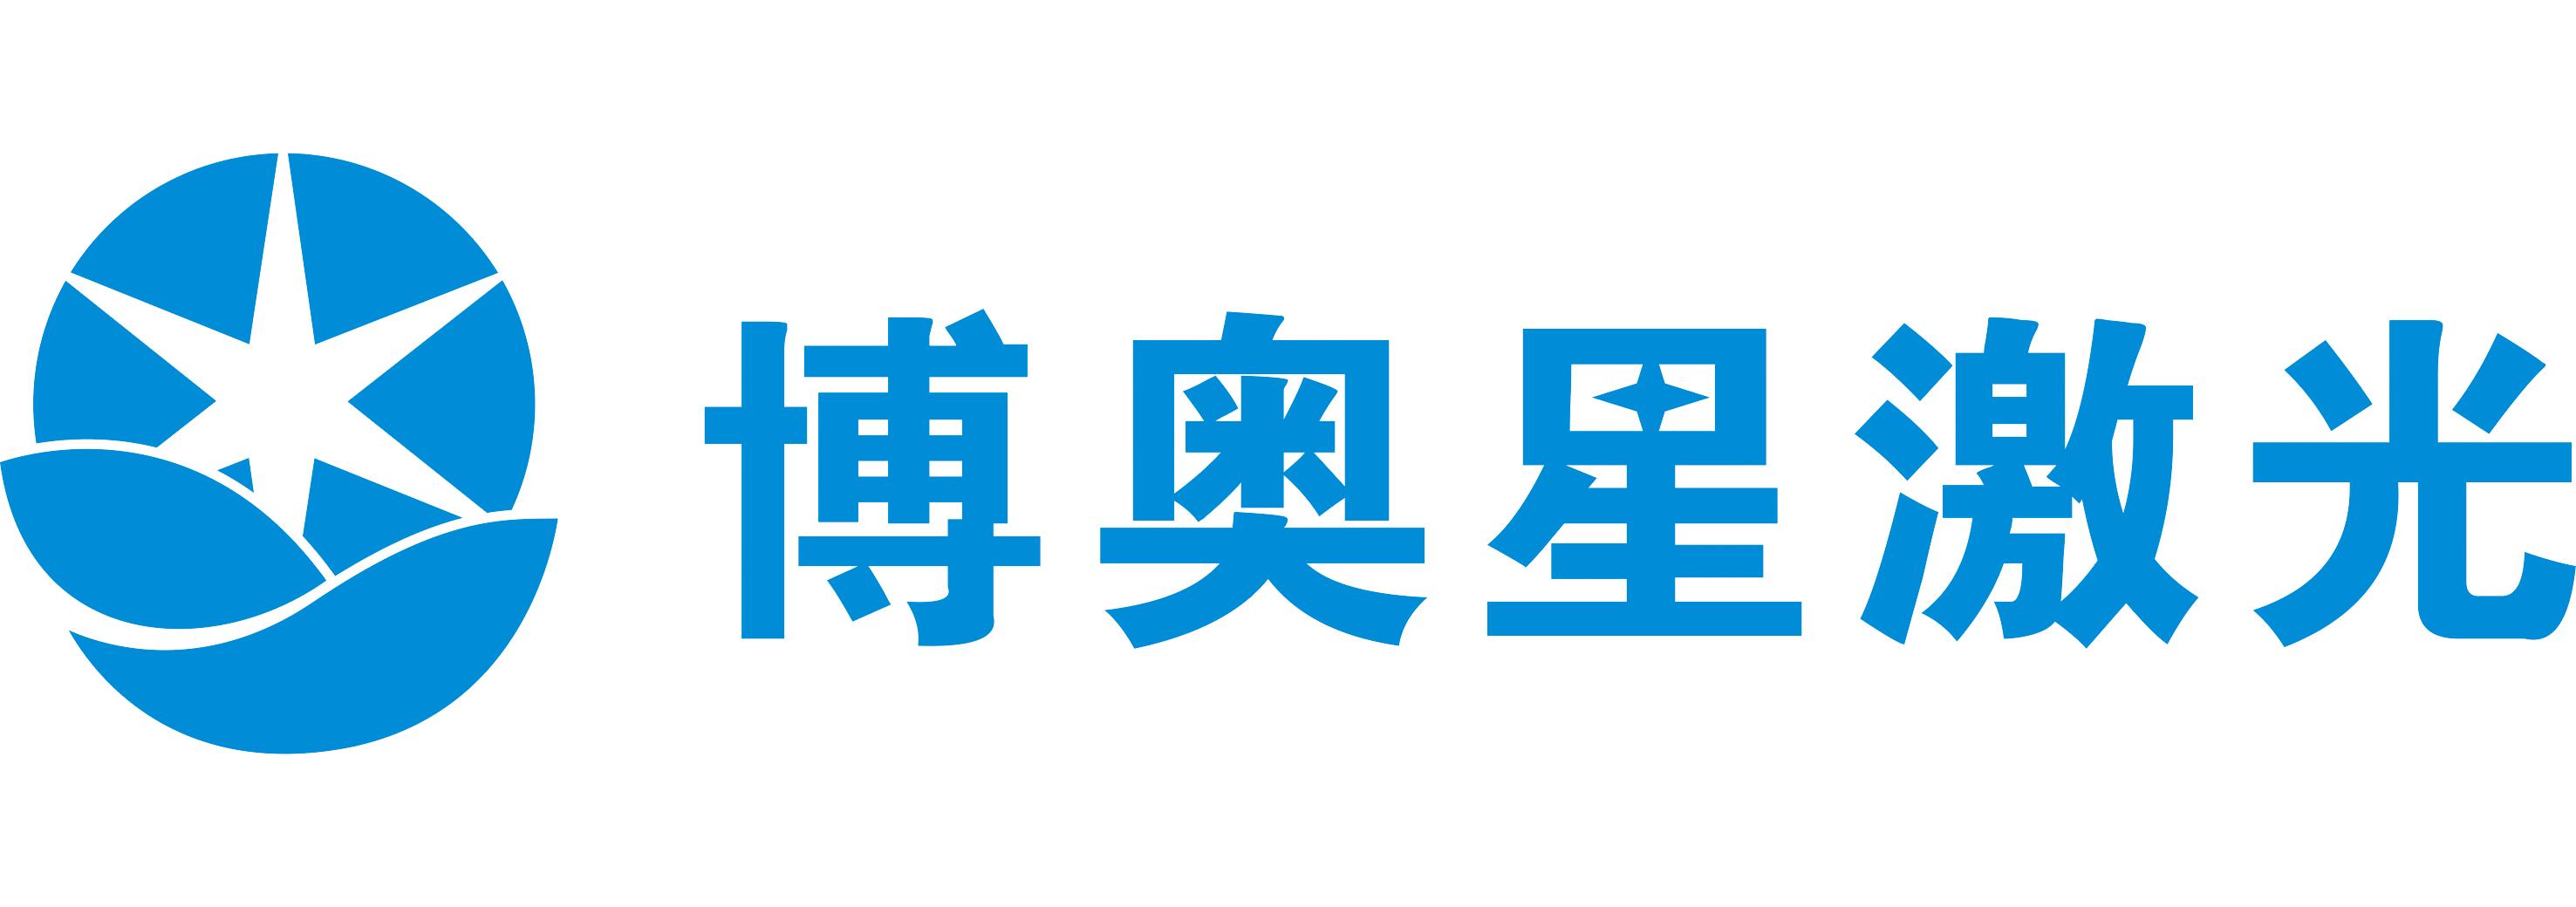 东莞市博奥星激光科技有限公司-深圳物联网展会